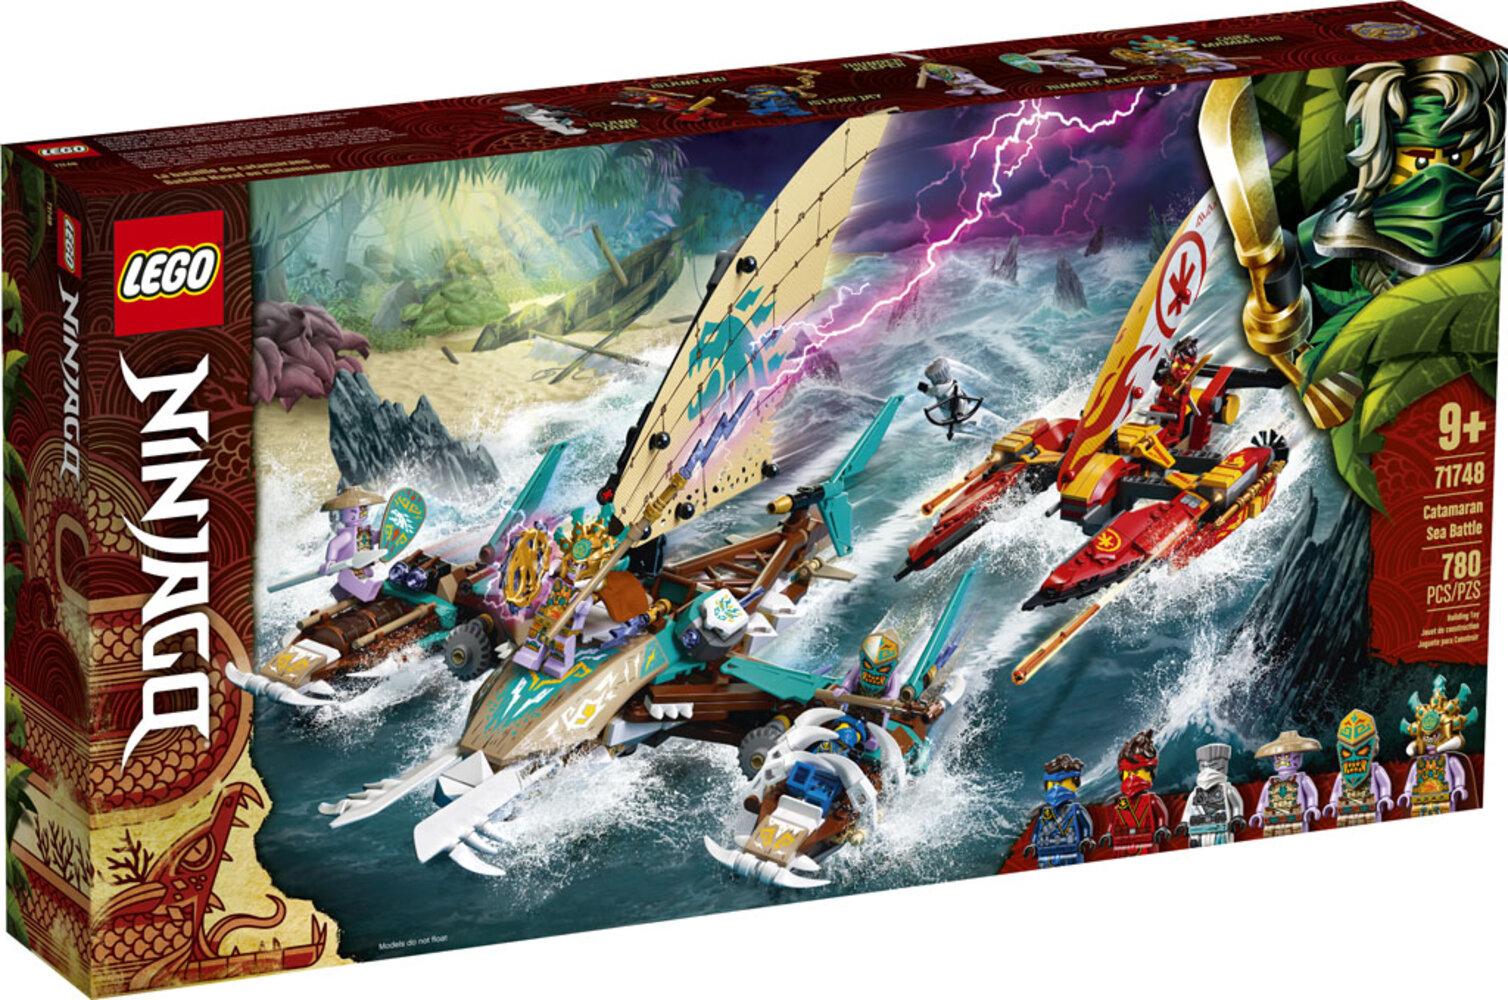 Catamaran Sea Battle